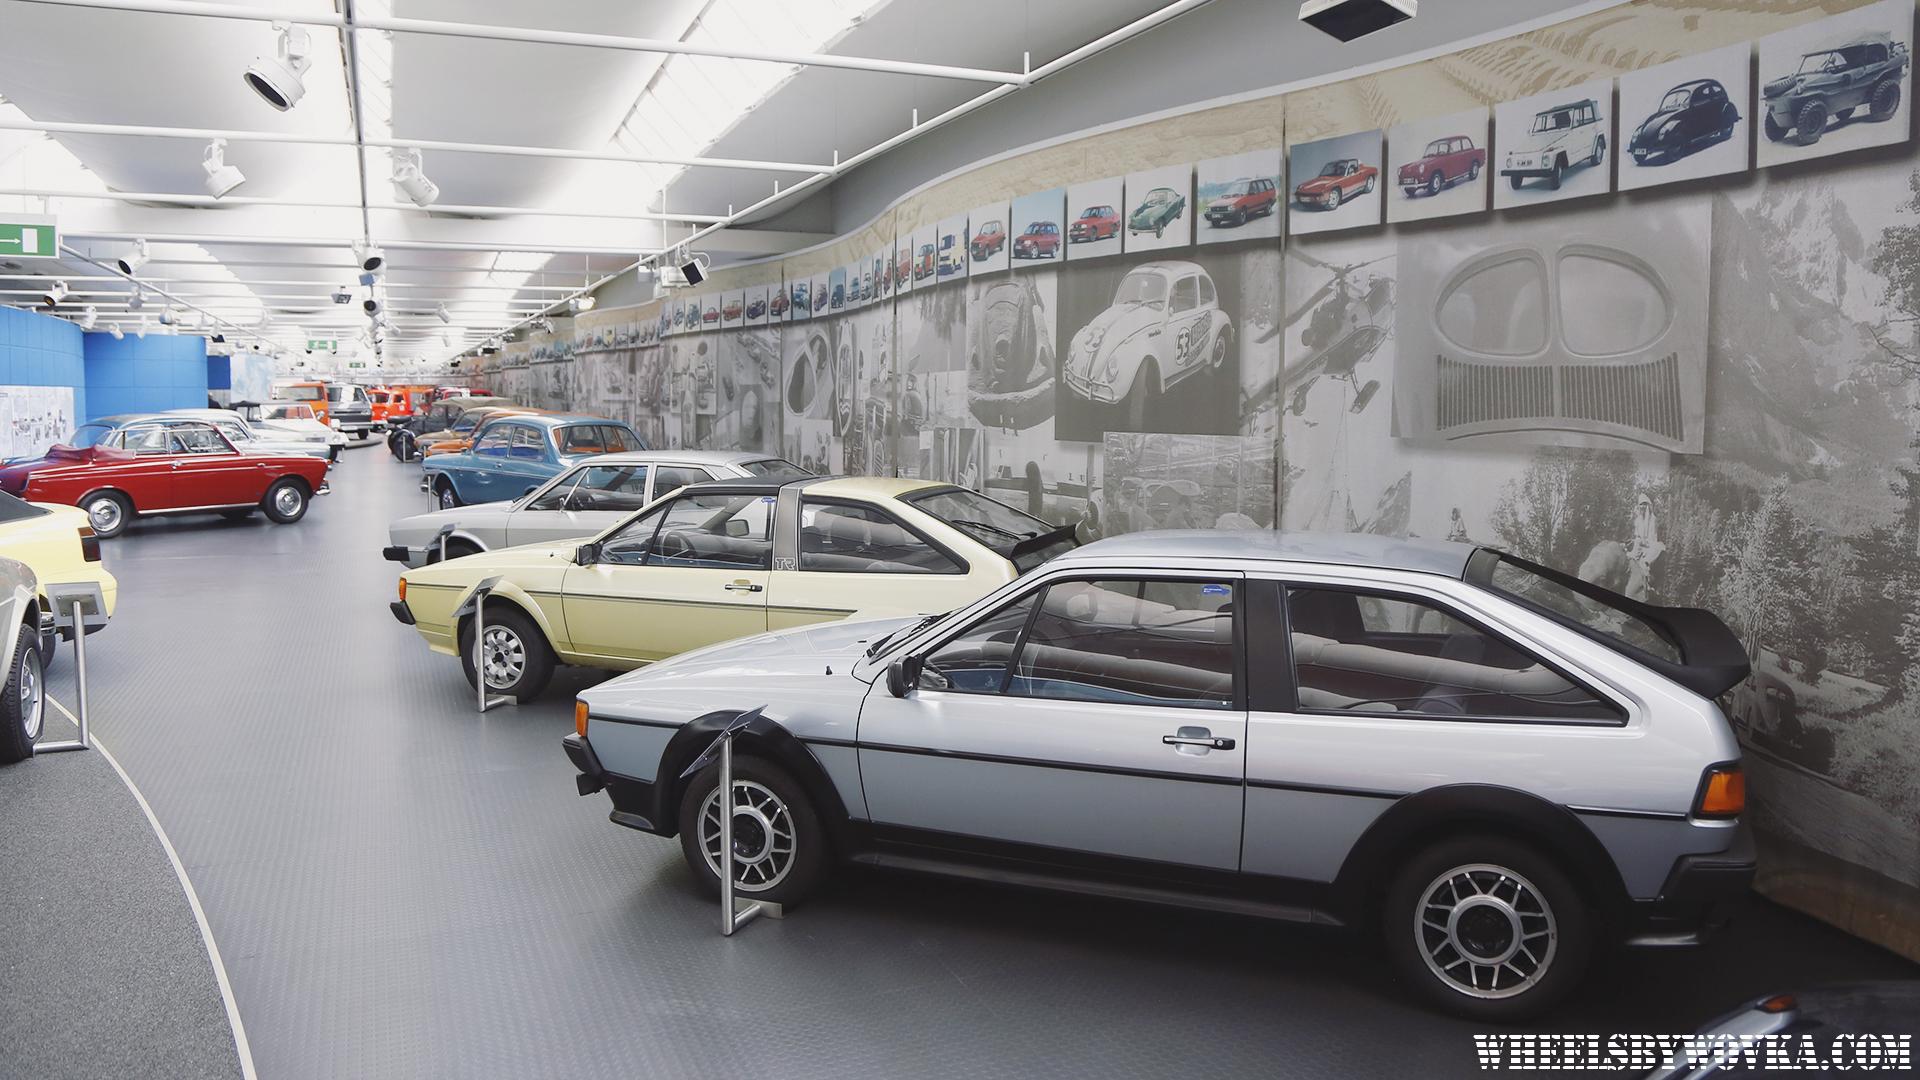 volkswagen-vw-museum-wolfsbourg-tour-by-wheelsbywovka-24